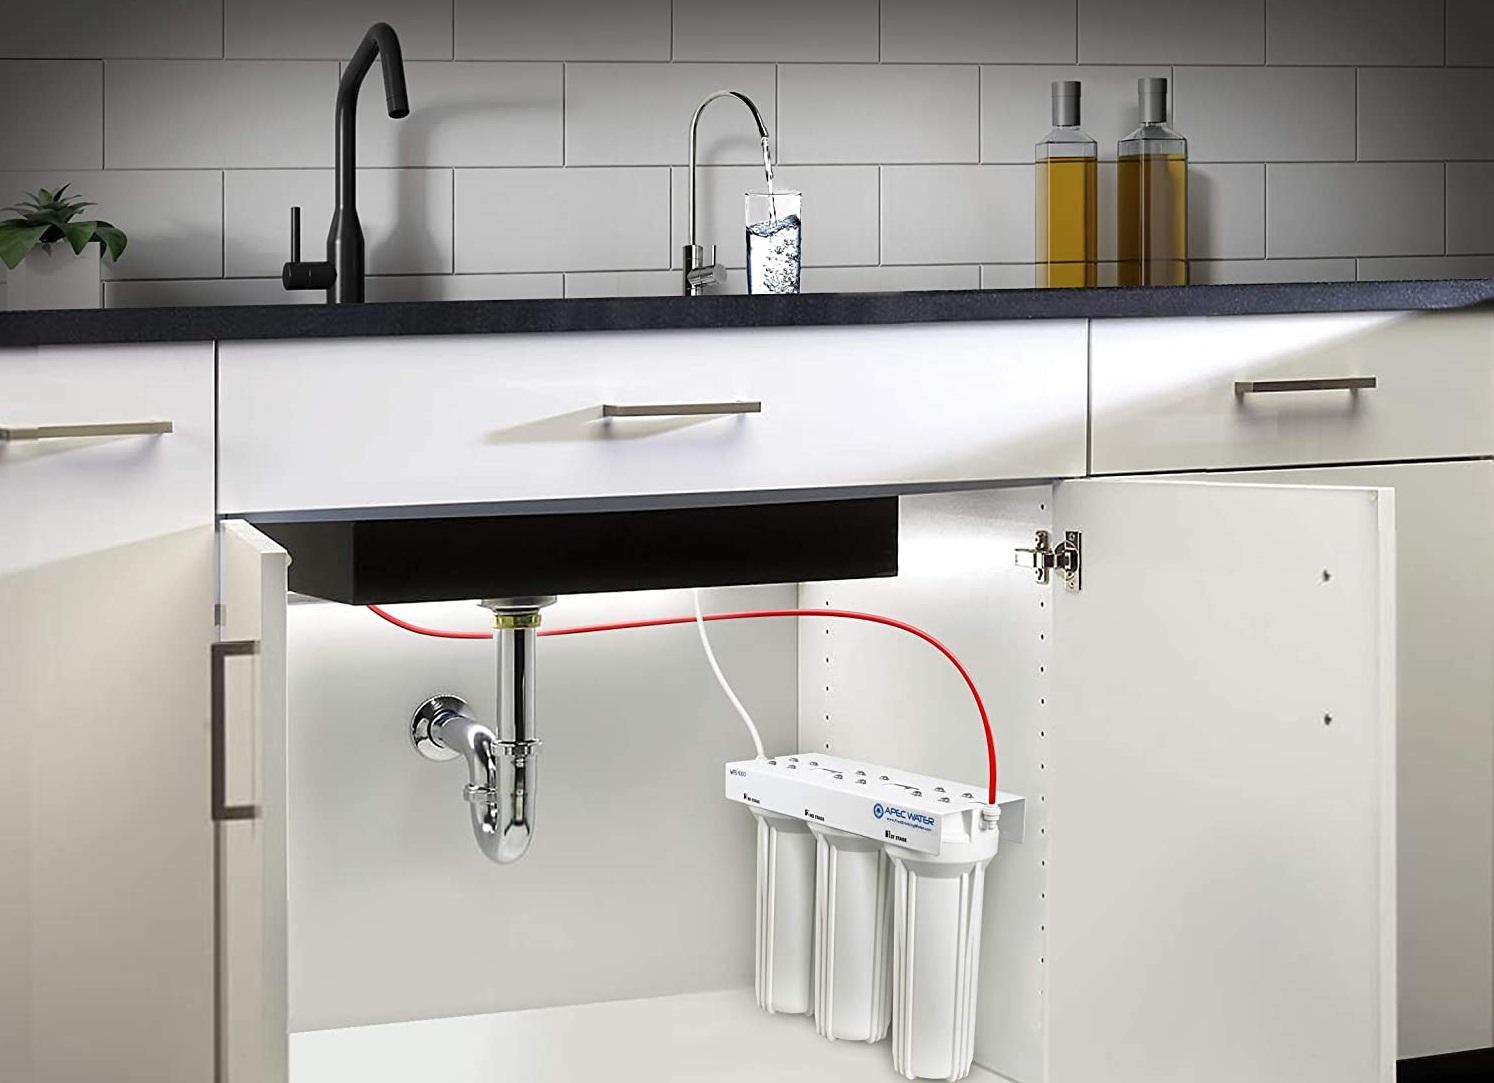 شیر خروجی بر روی دستگاه تصفیه آب اورجینال